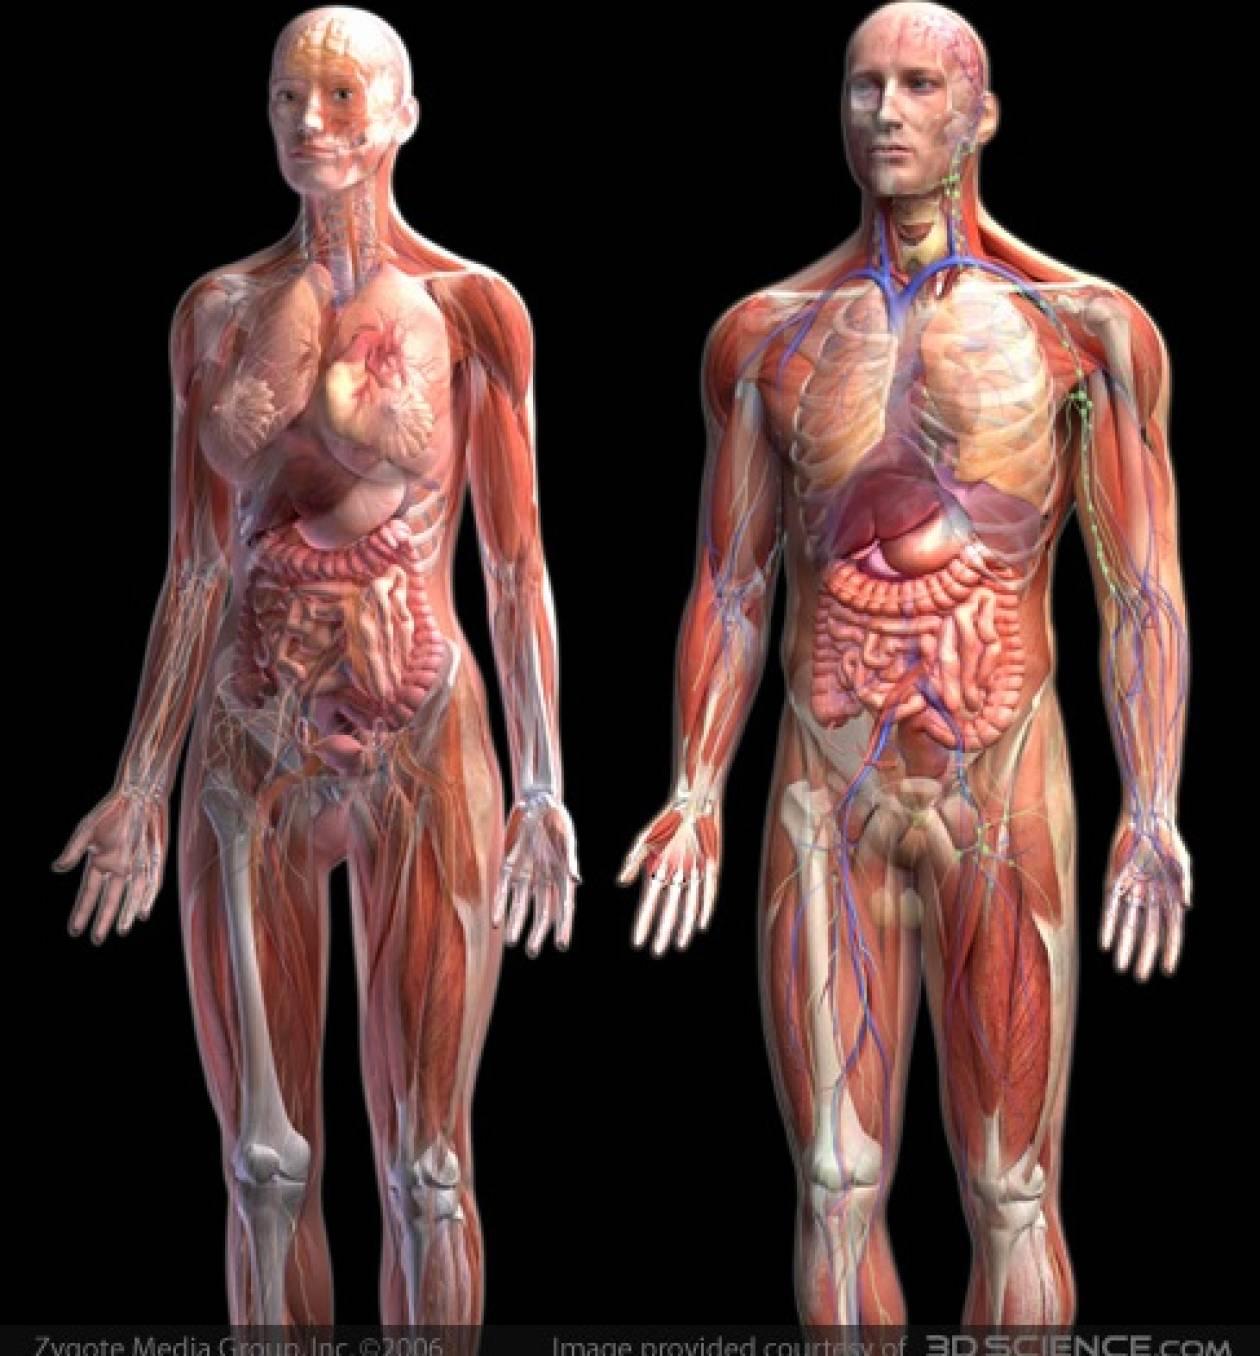 Εξερευνείστε το ανθρώπινο σώμα - Newsbomb